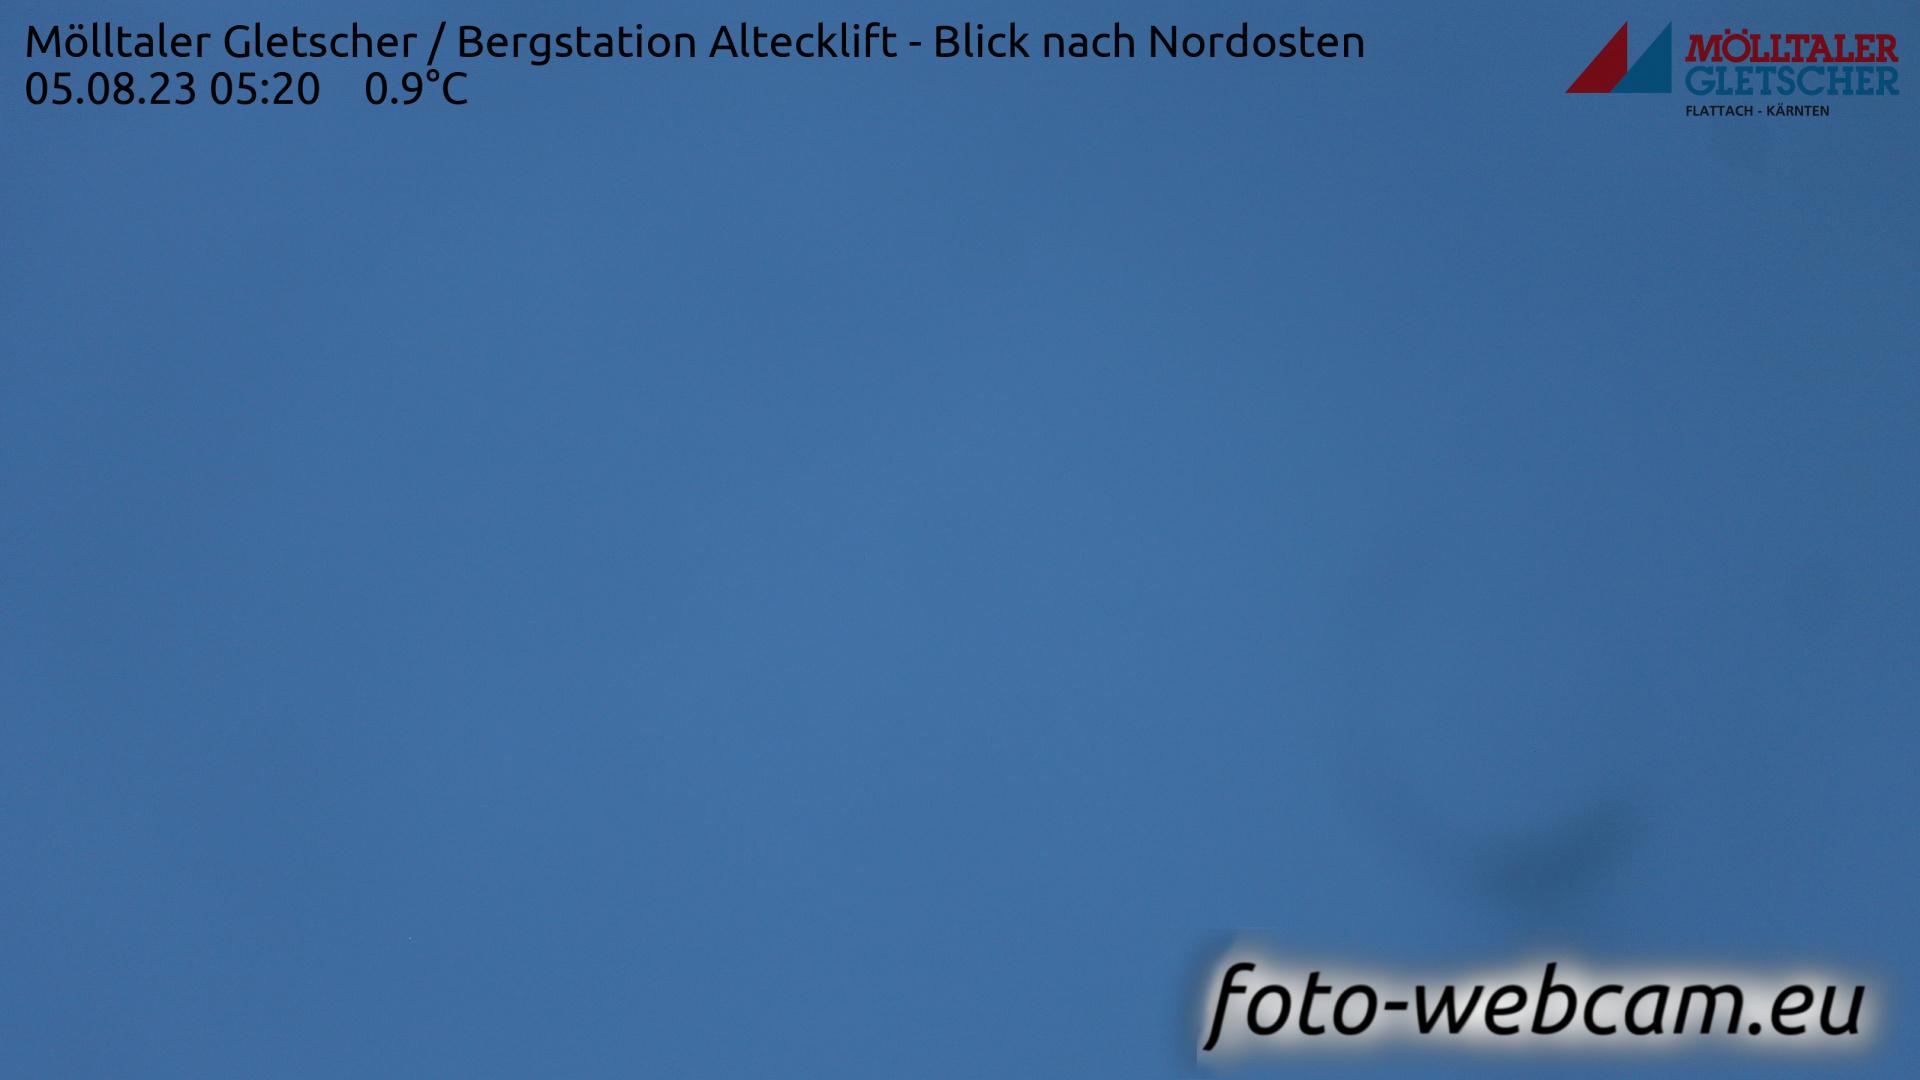 Mölltaler Gletscher Fr. 05:32